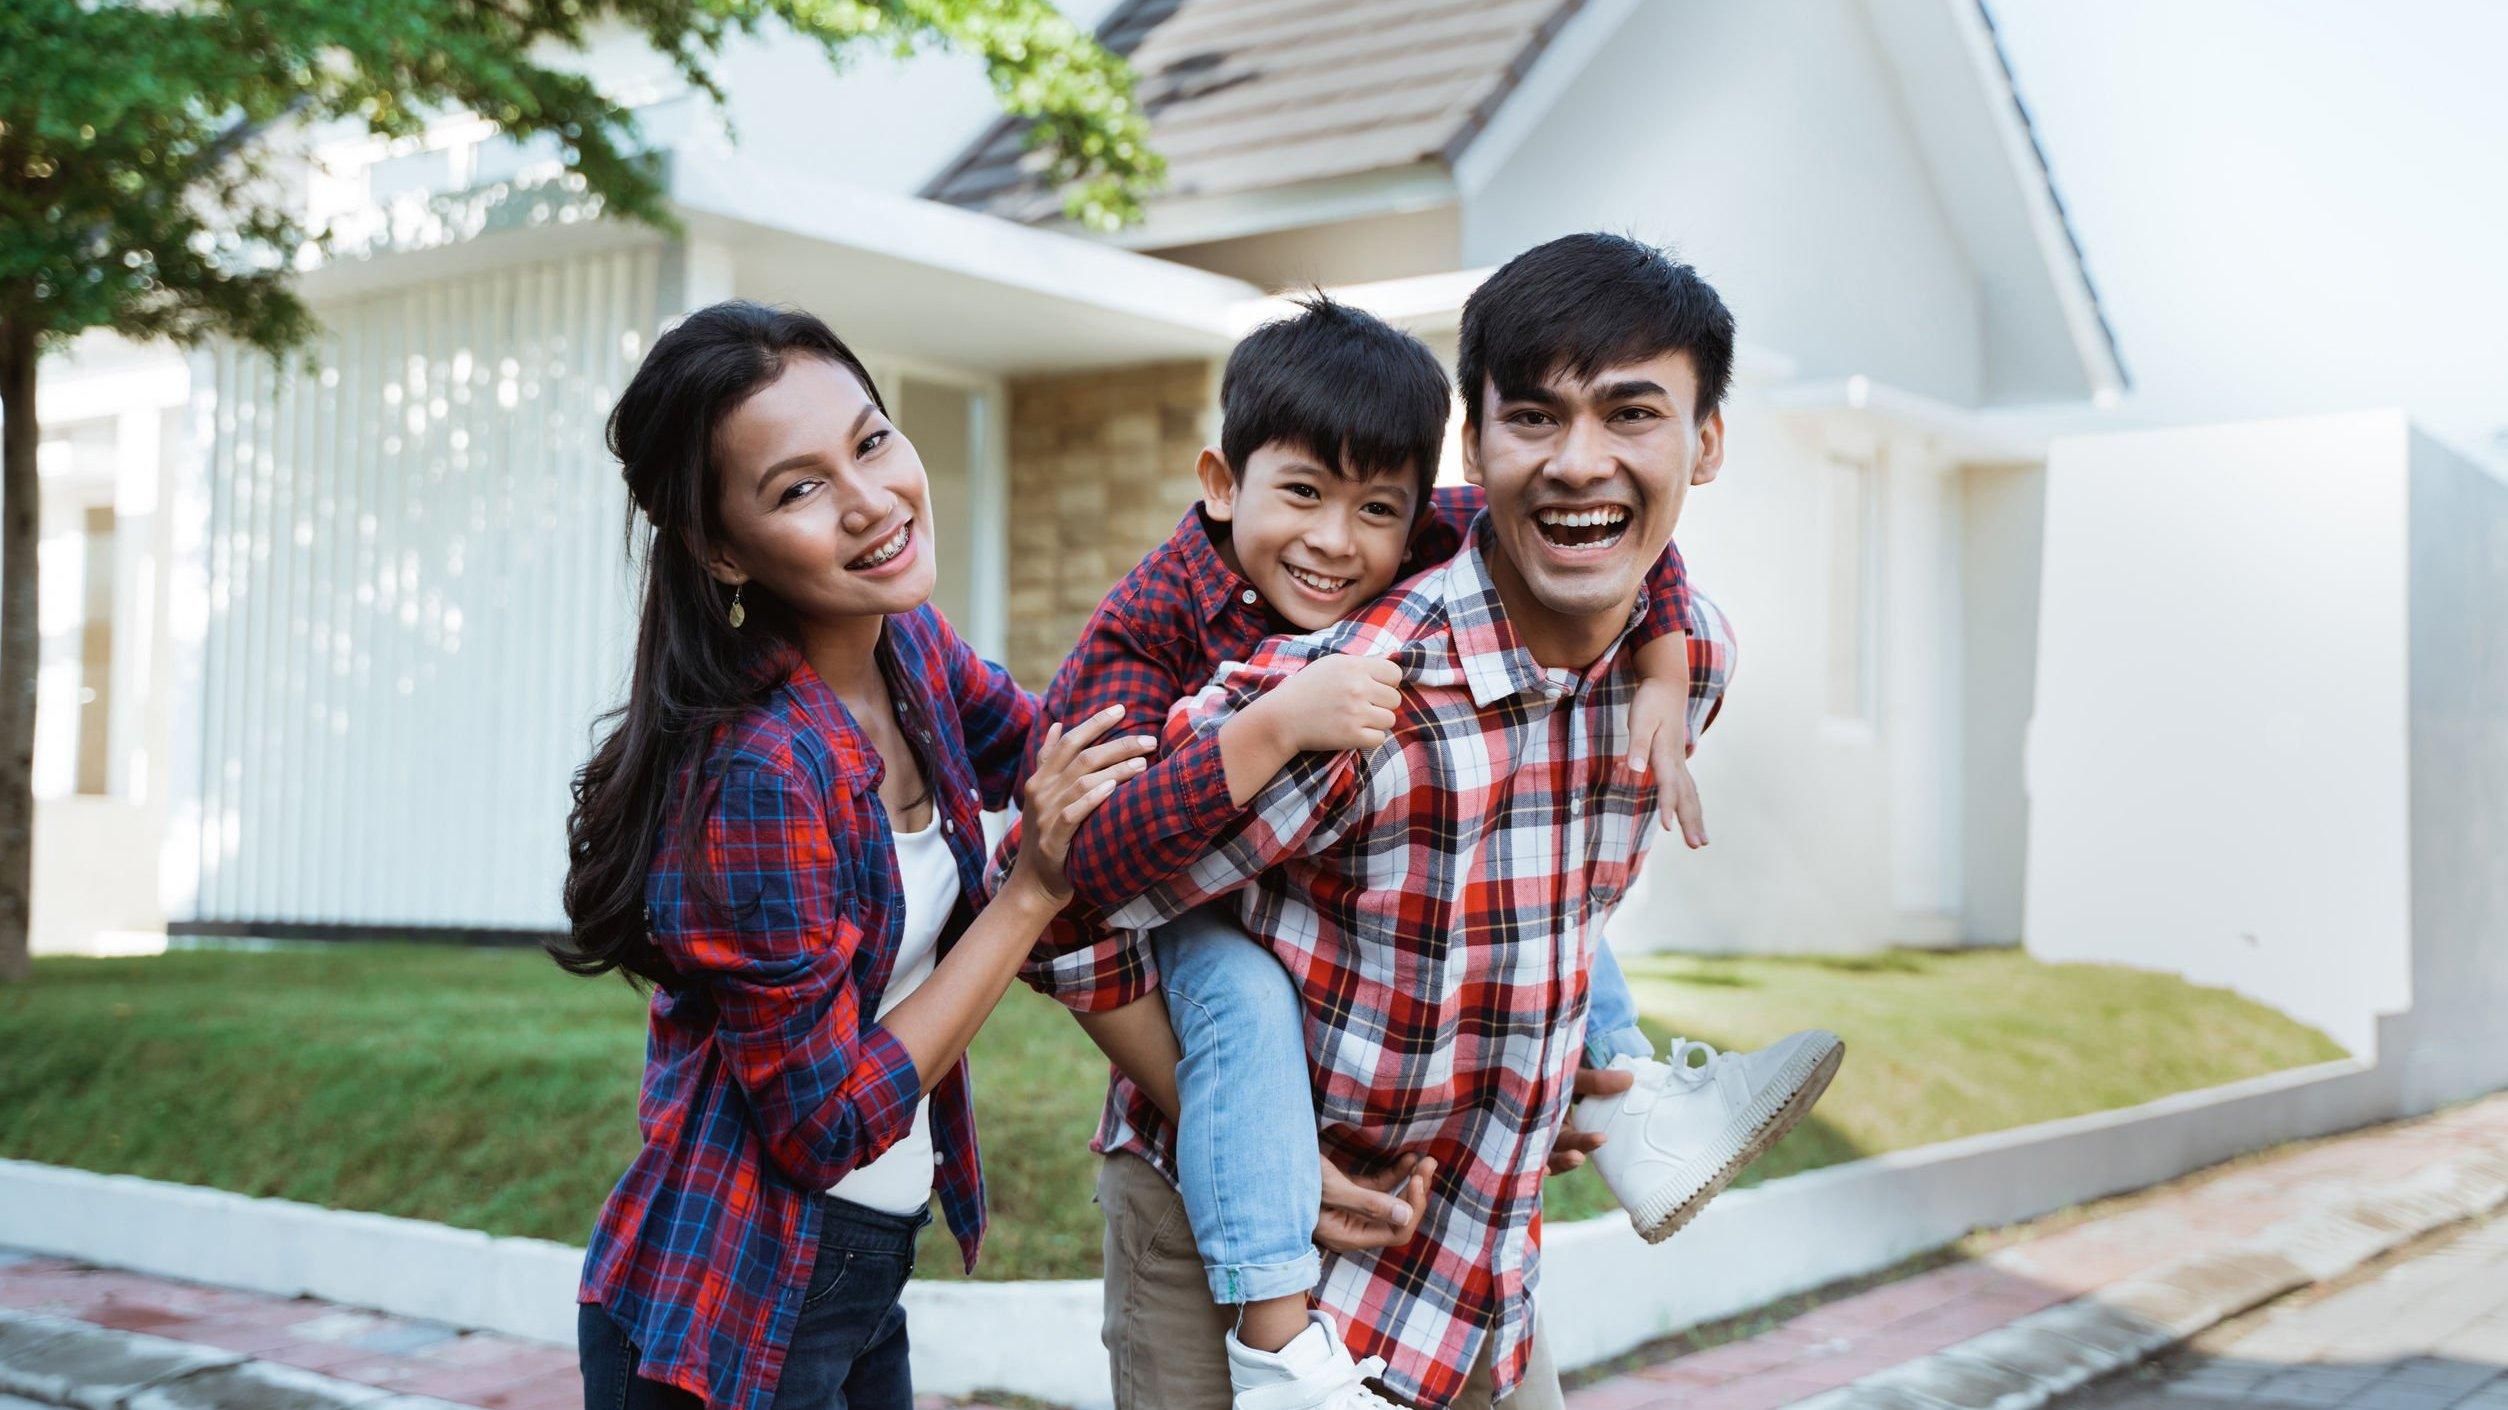 Família reunida e sorrindo.